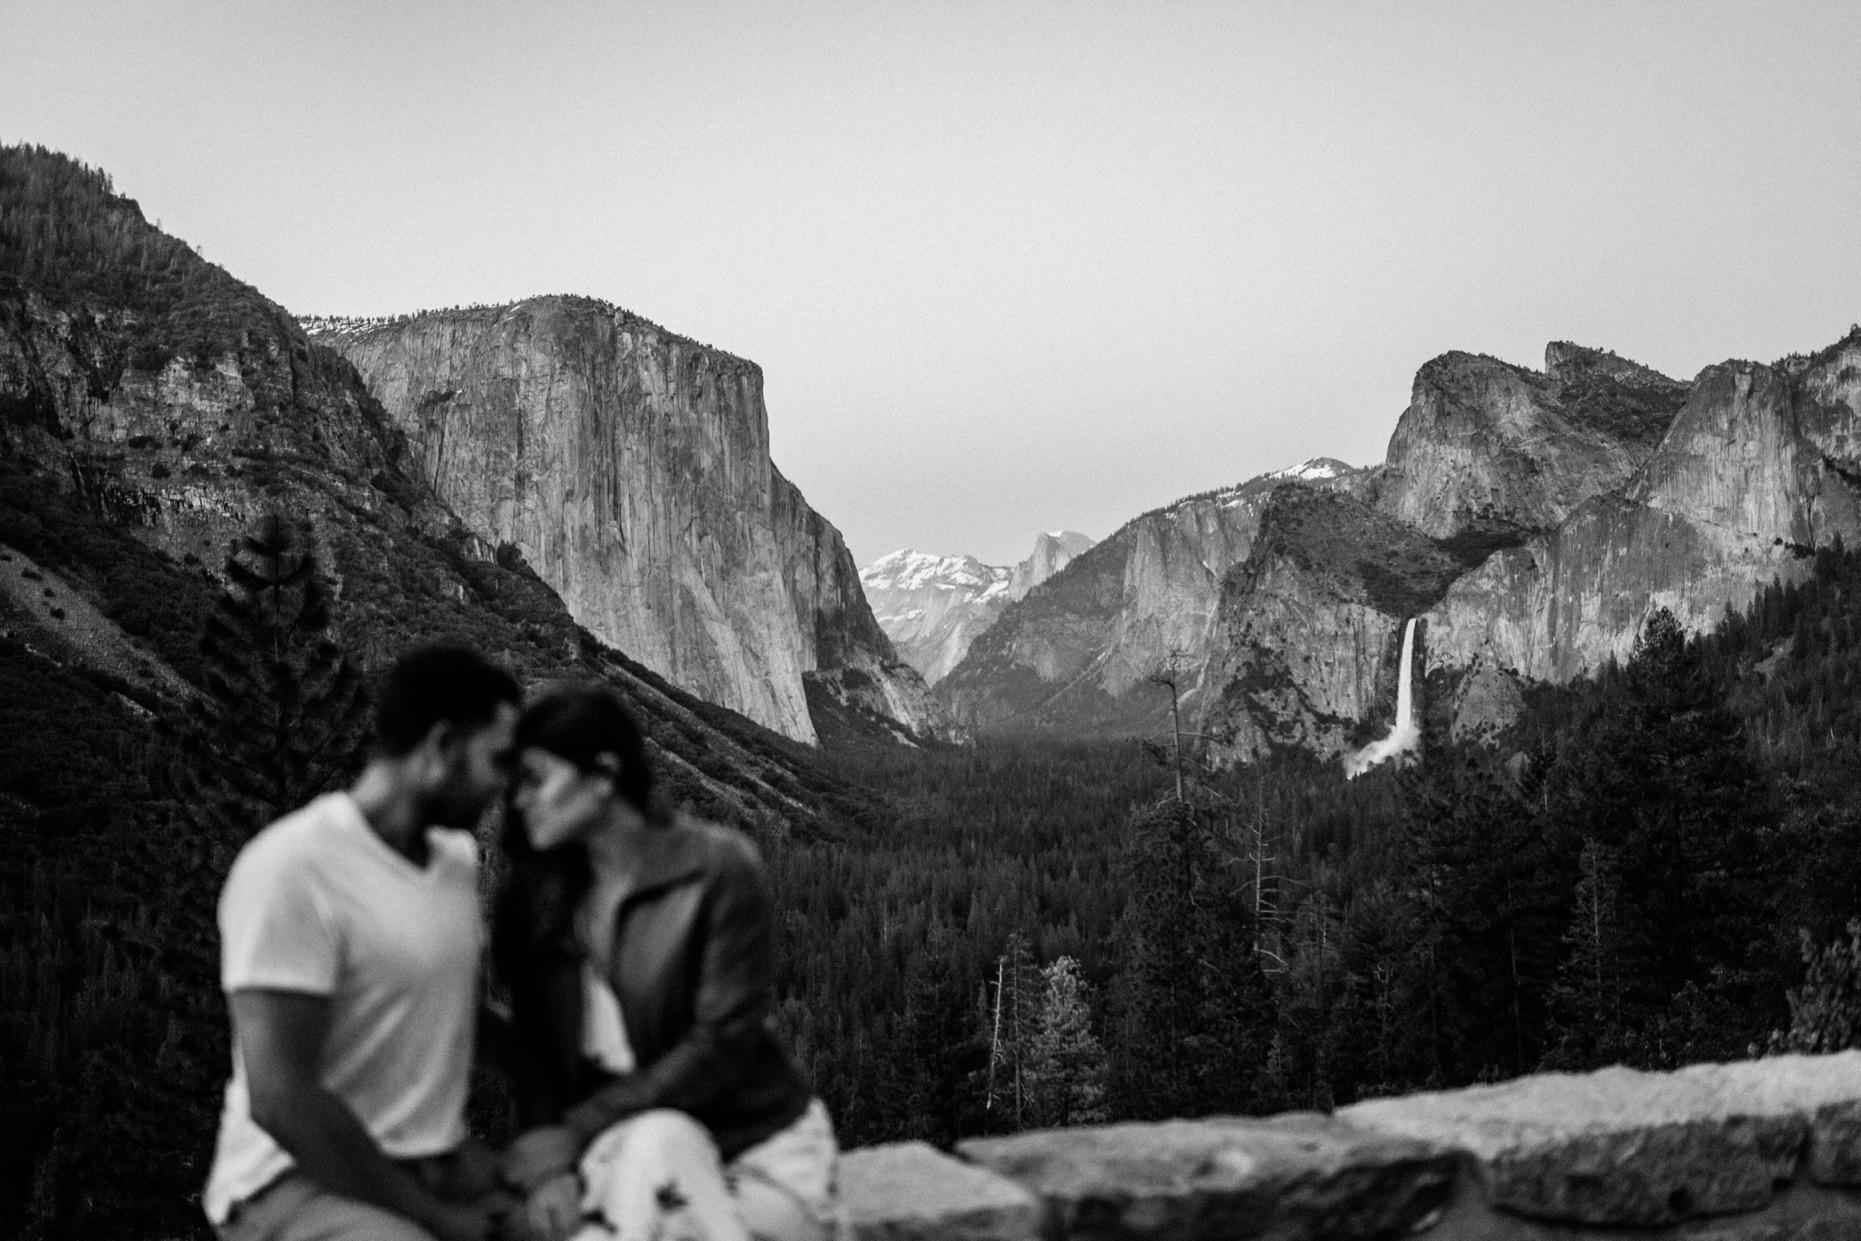 Couple with Yosemite Vista in B&W